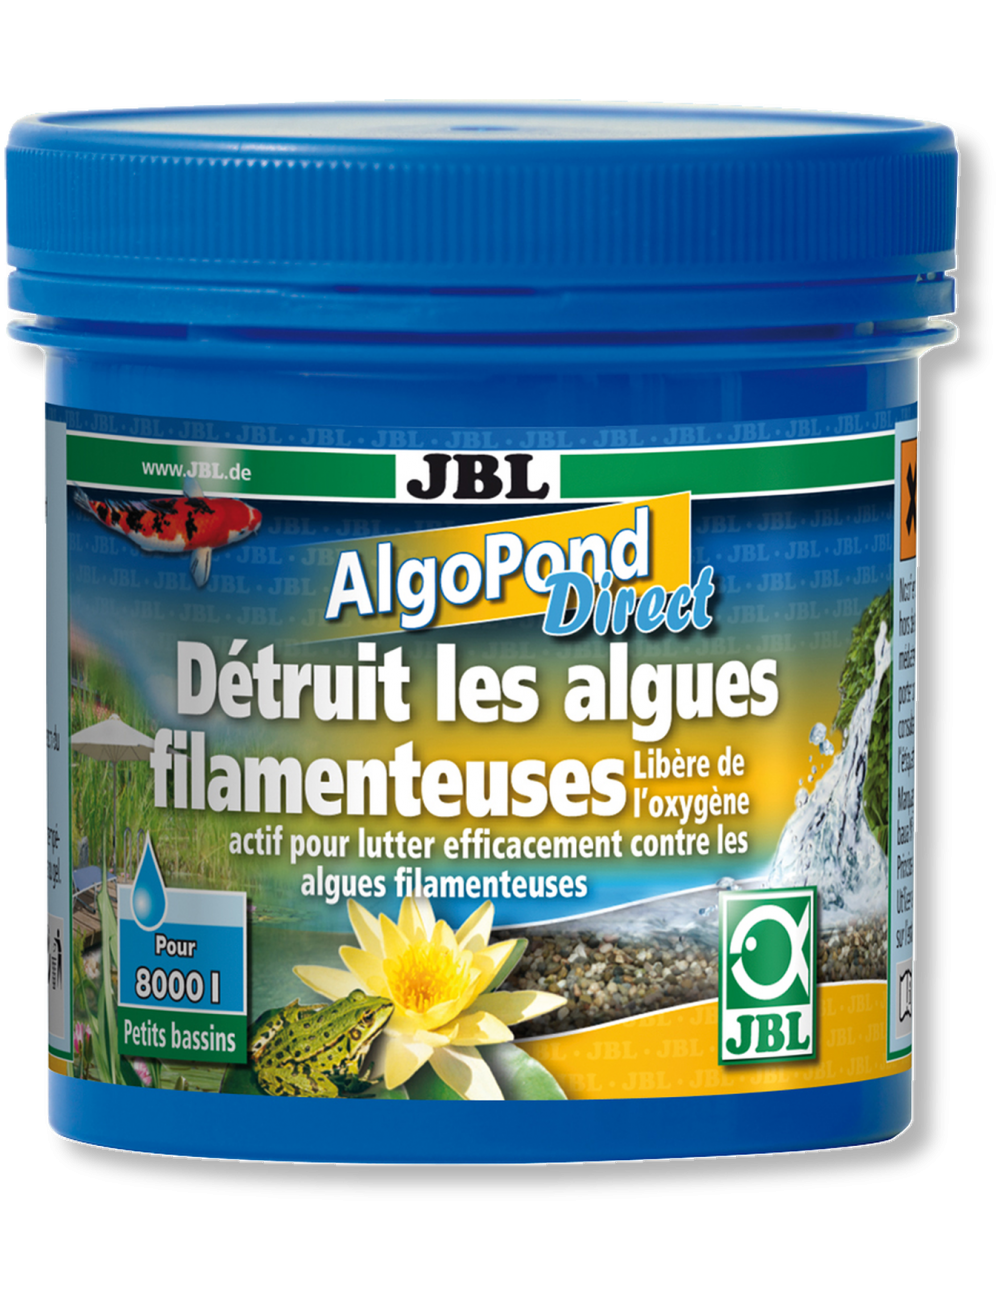 JBL - AlgoPond Direct - 500g - Anti-algues filamenteuses en bassin de jardin